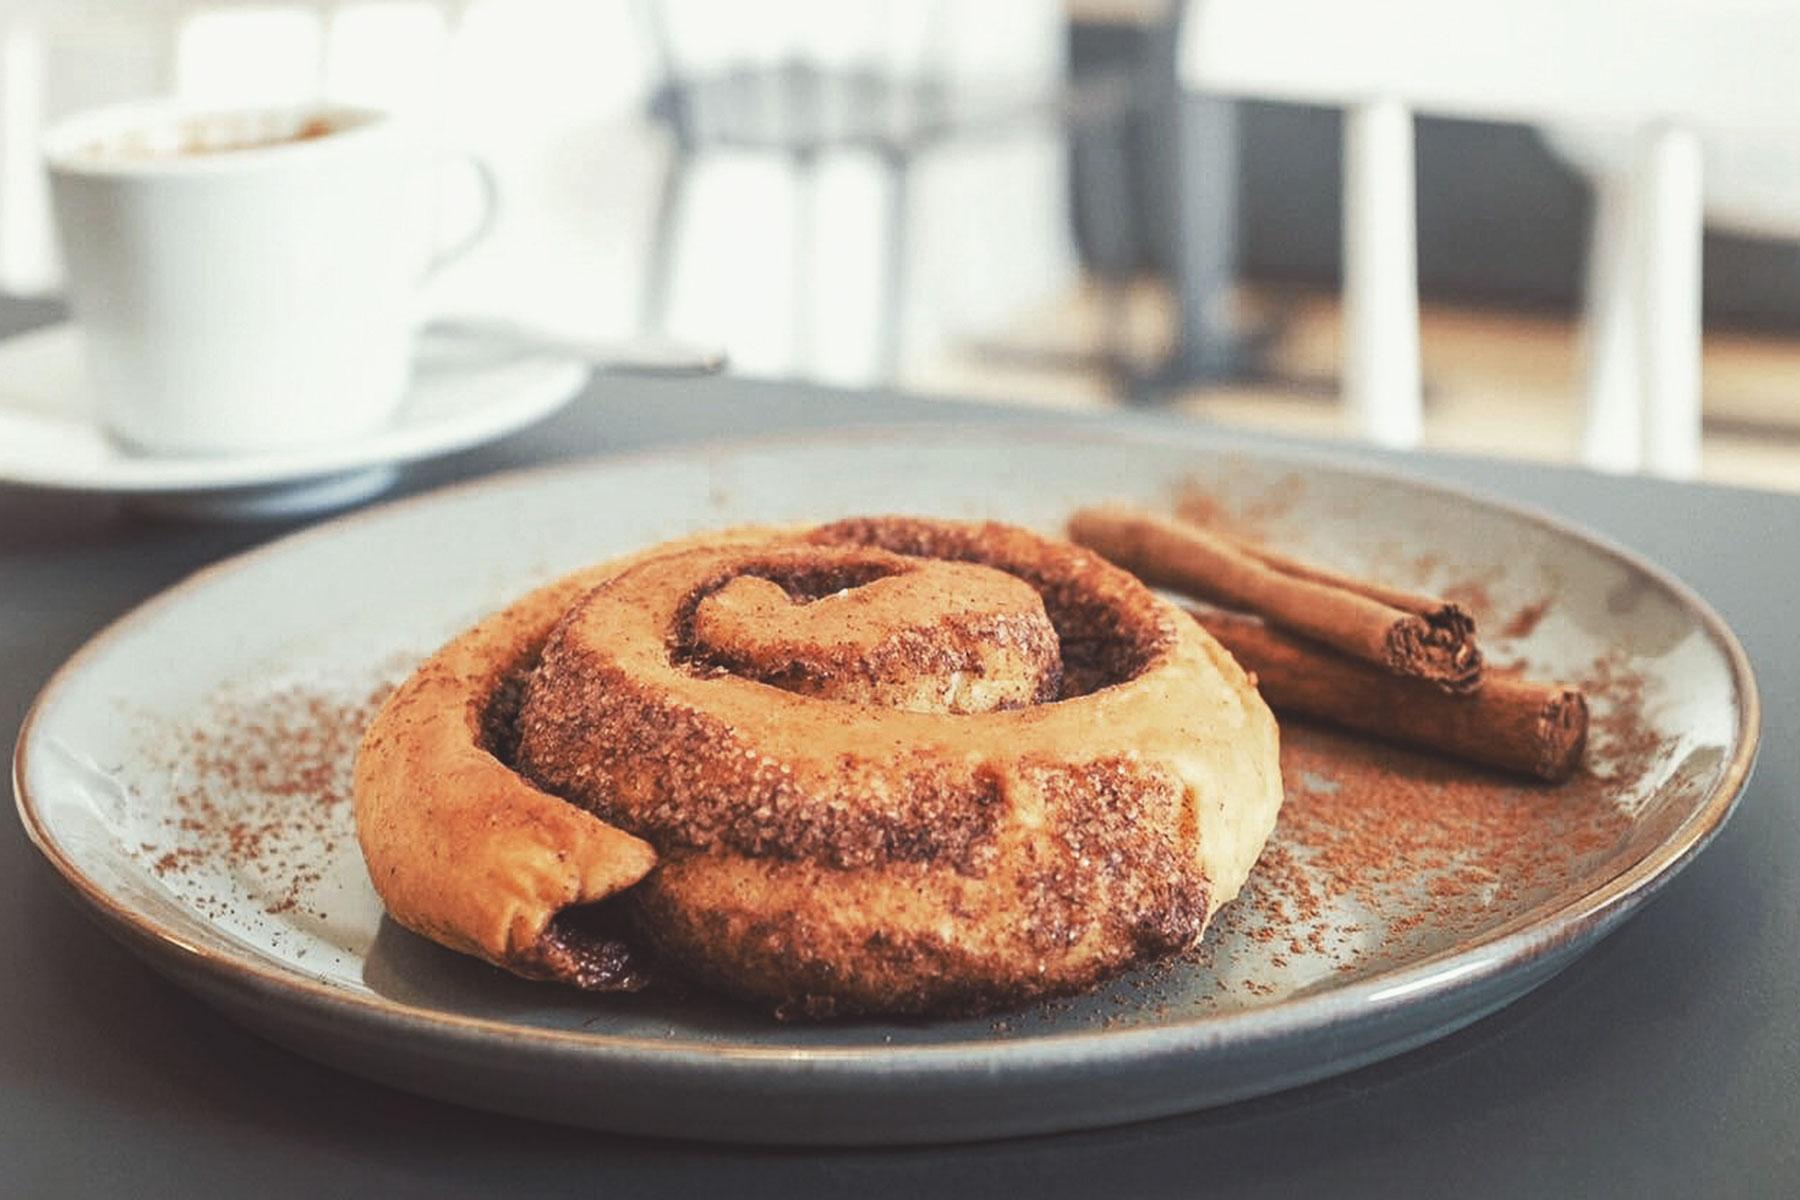 Geheimtipp Tipp Koeln Café Essen gehen Wochenende Innenstadt